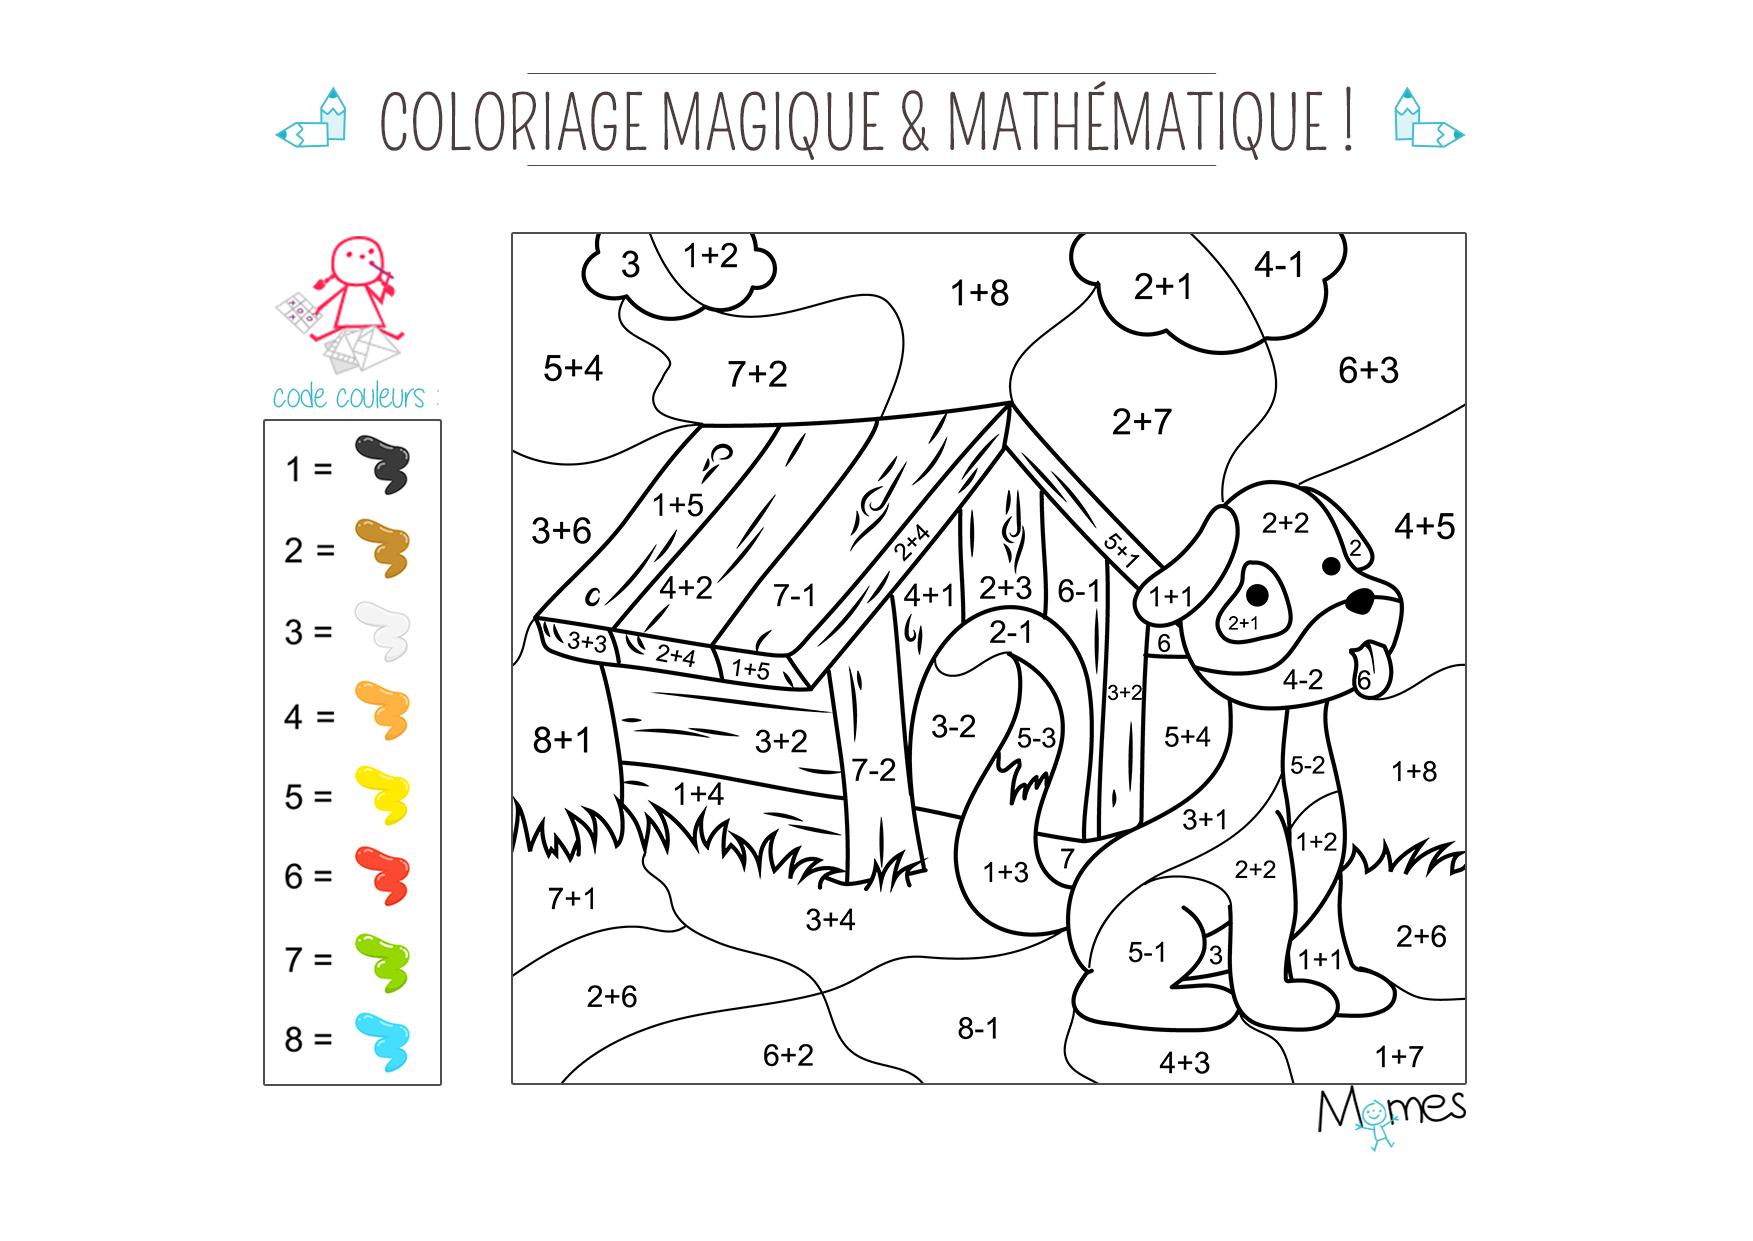 Coloriage Magique Et Mathématique : Le Chien - Momes avec Coloriage Magique 4 Ans